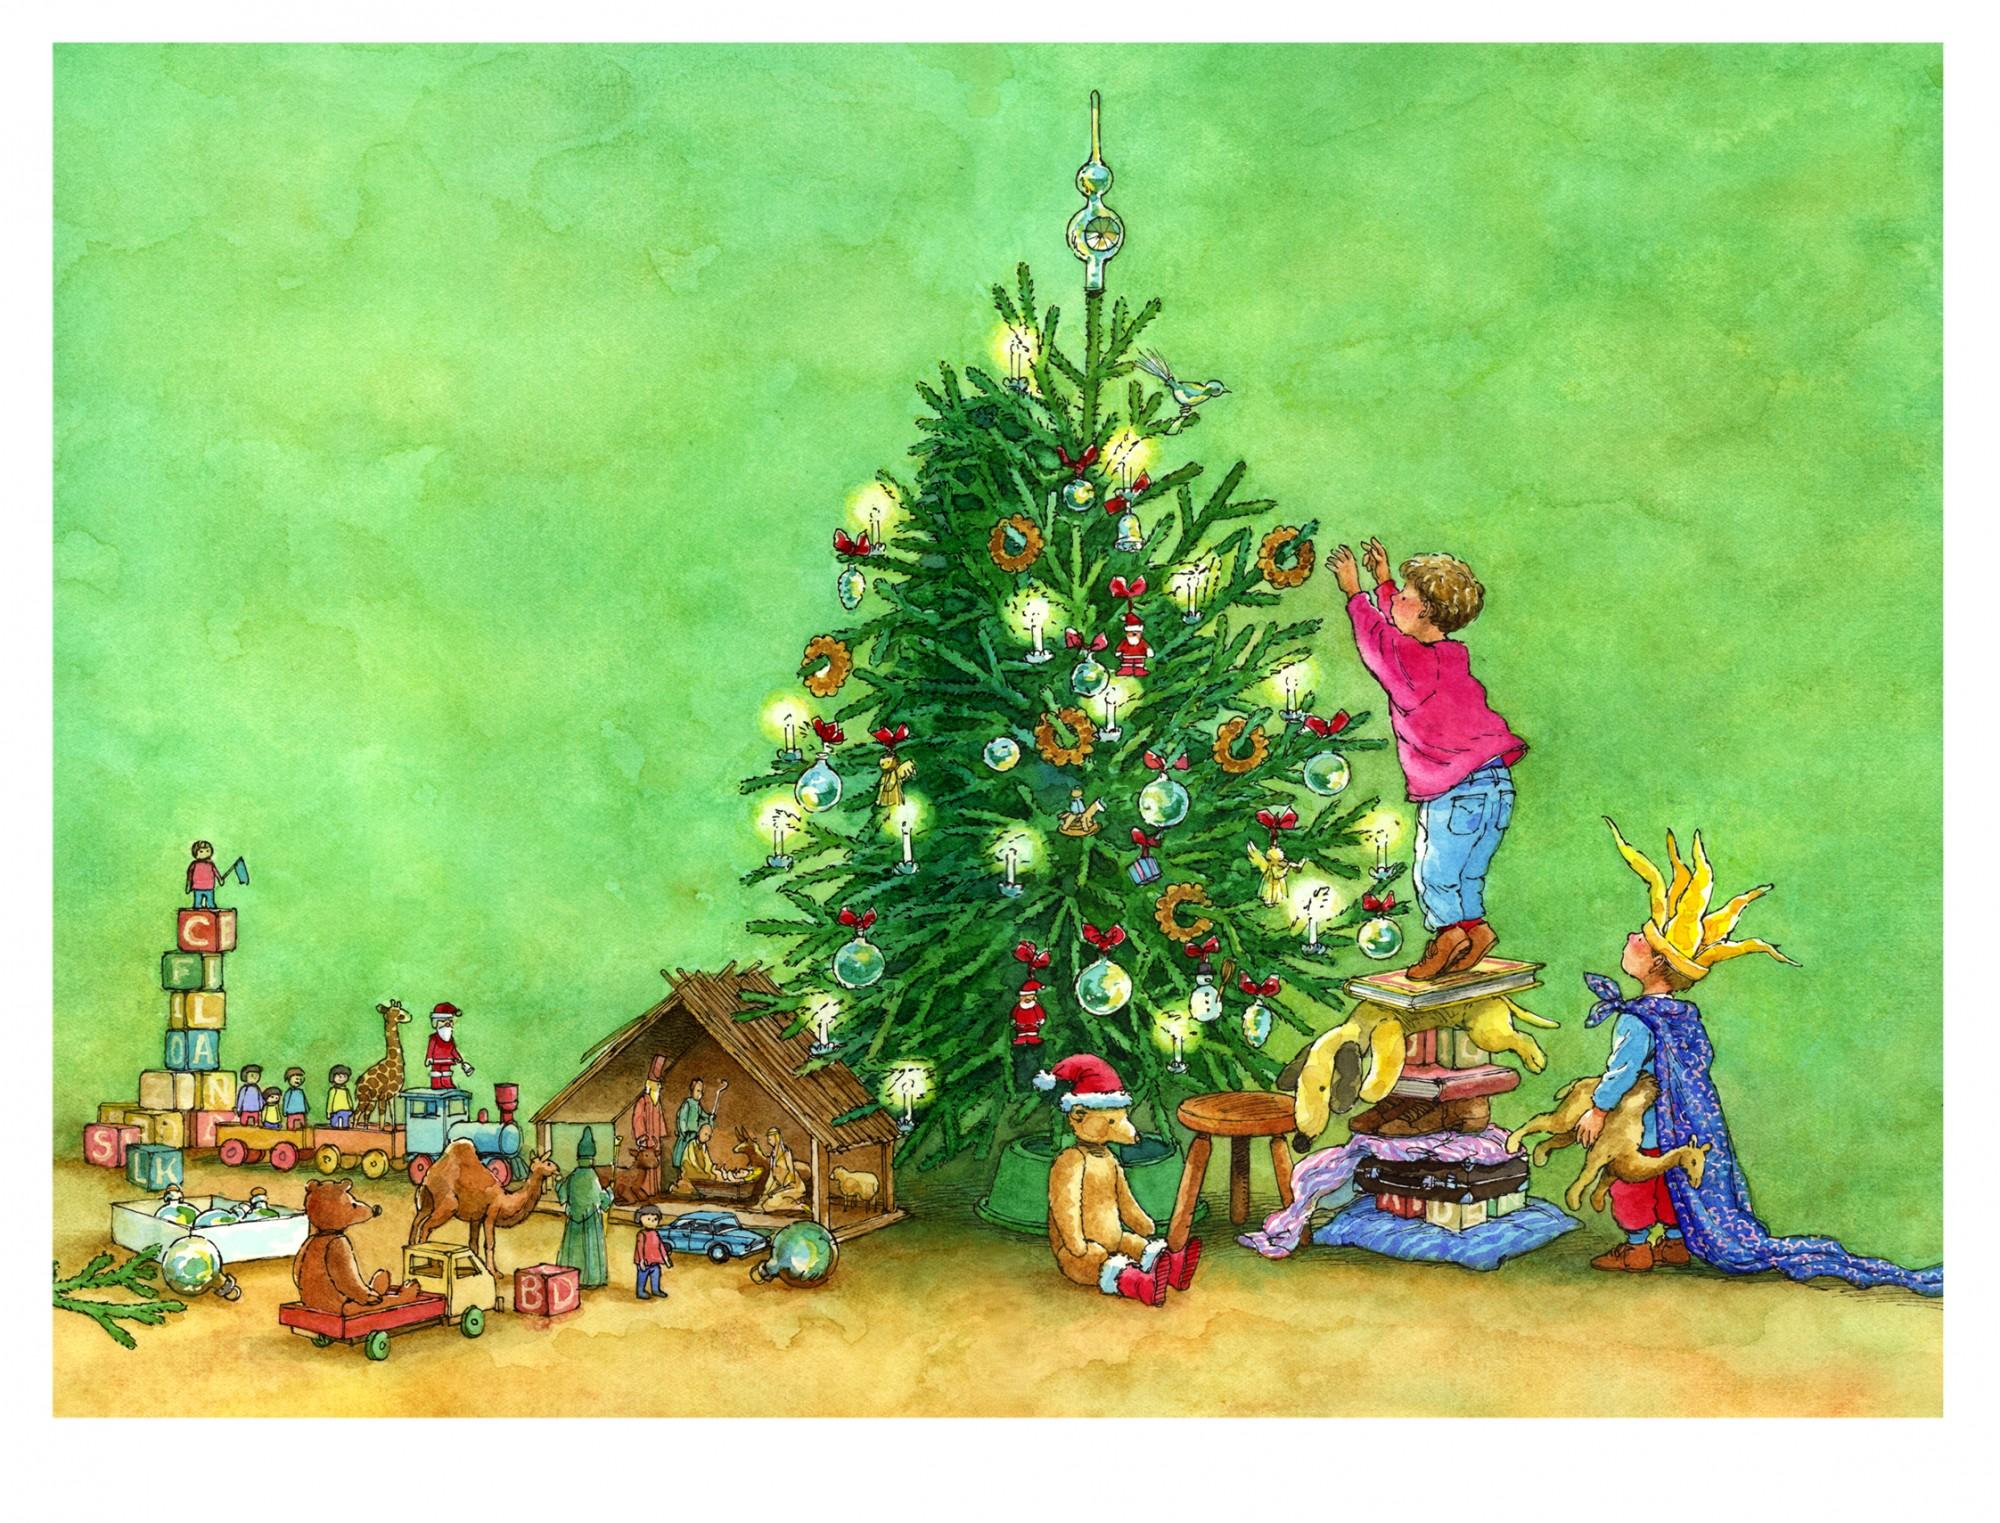 Koekjes in de kerstboom © Ruud Bruijn